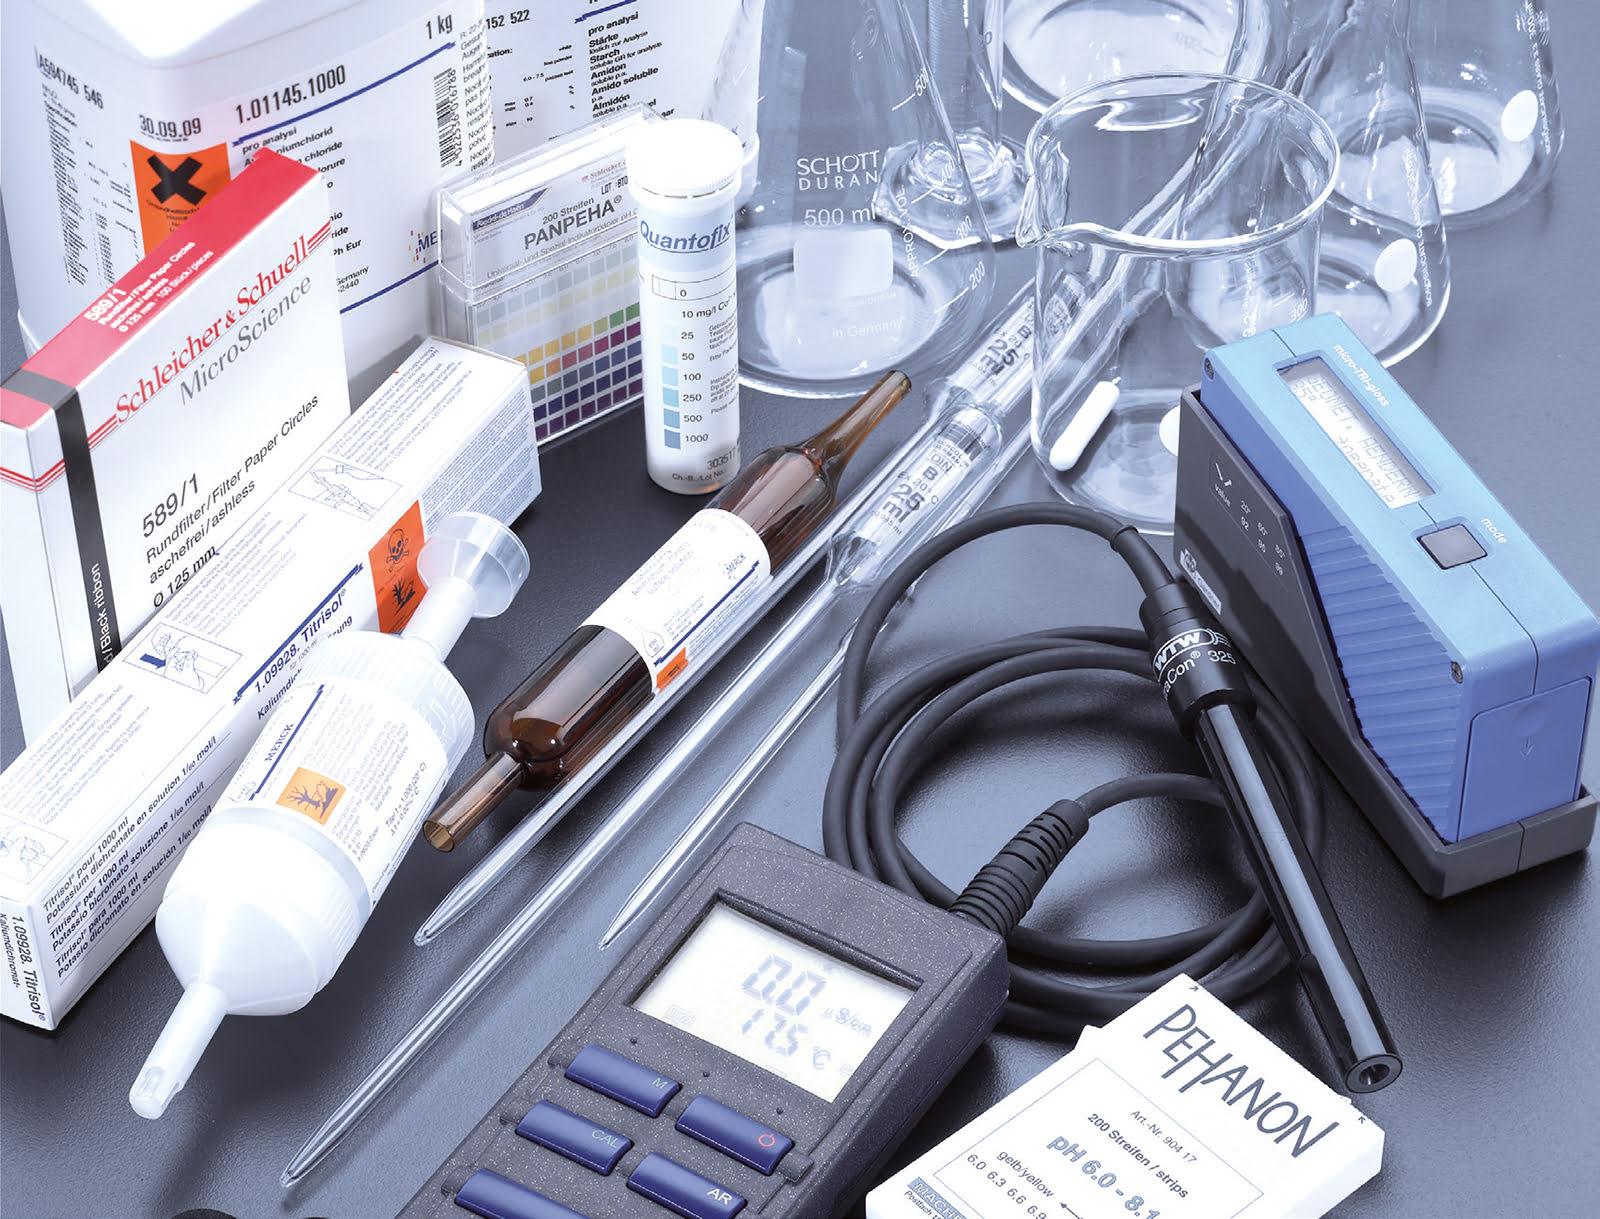 Laborgeräte, pH-Meter, Leitfähigkeit, Pipette, Kolben, Messzylinder, Labor, Test, Analyse